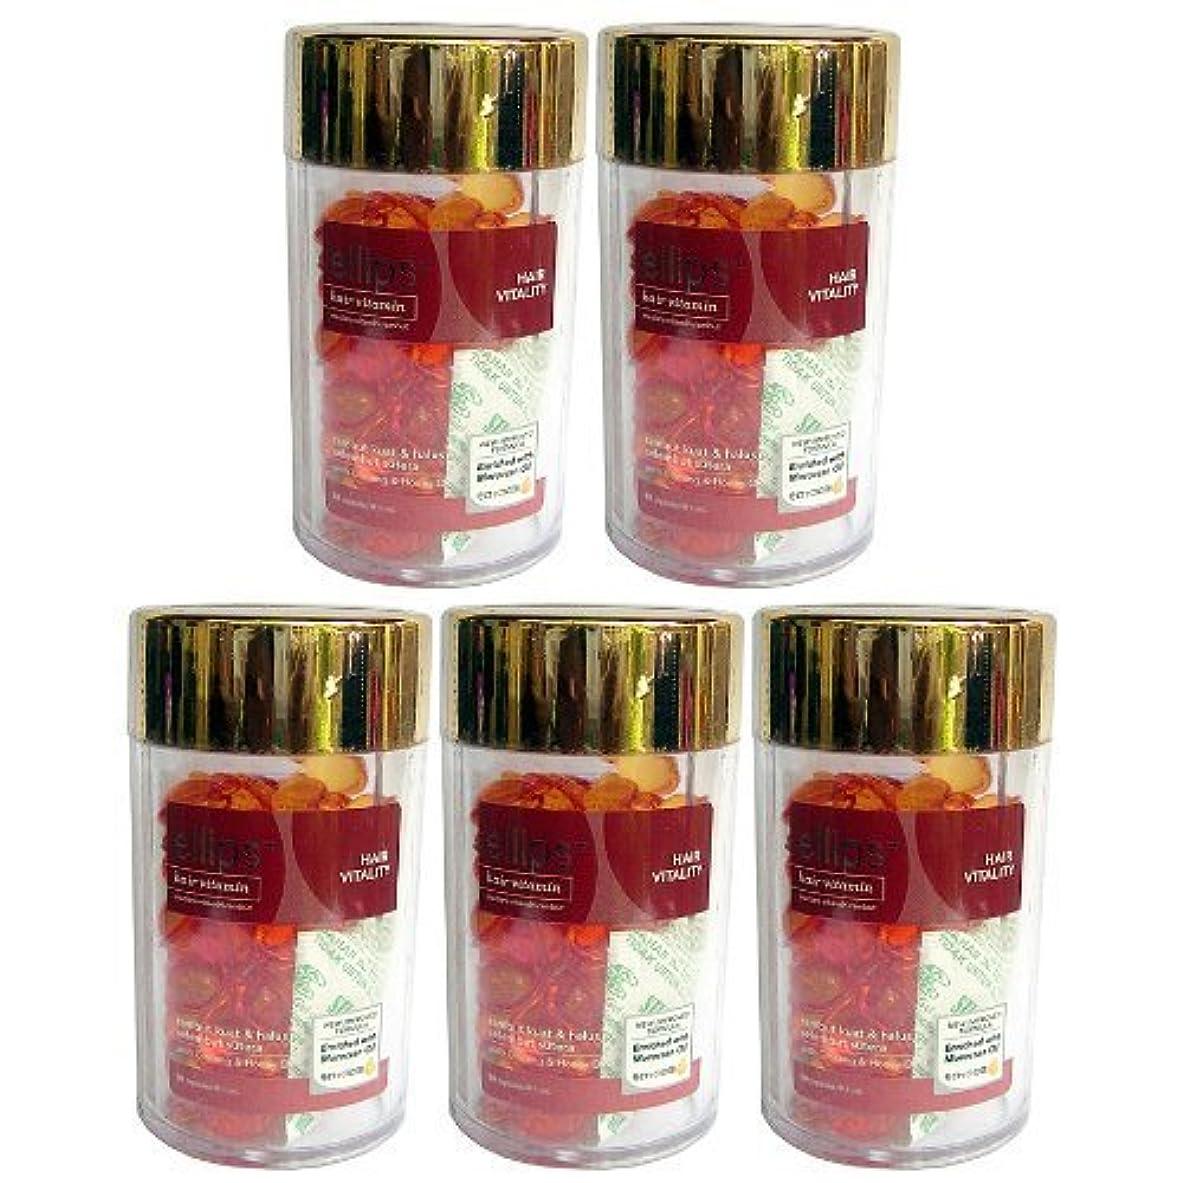 受け取る離れて恐怖症Ellips(エリプス)ヘアビタミン(50粒入)5個セット [並行輸入品][海外直送品] ブラウン